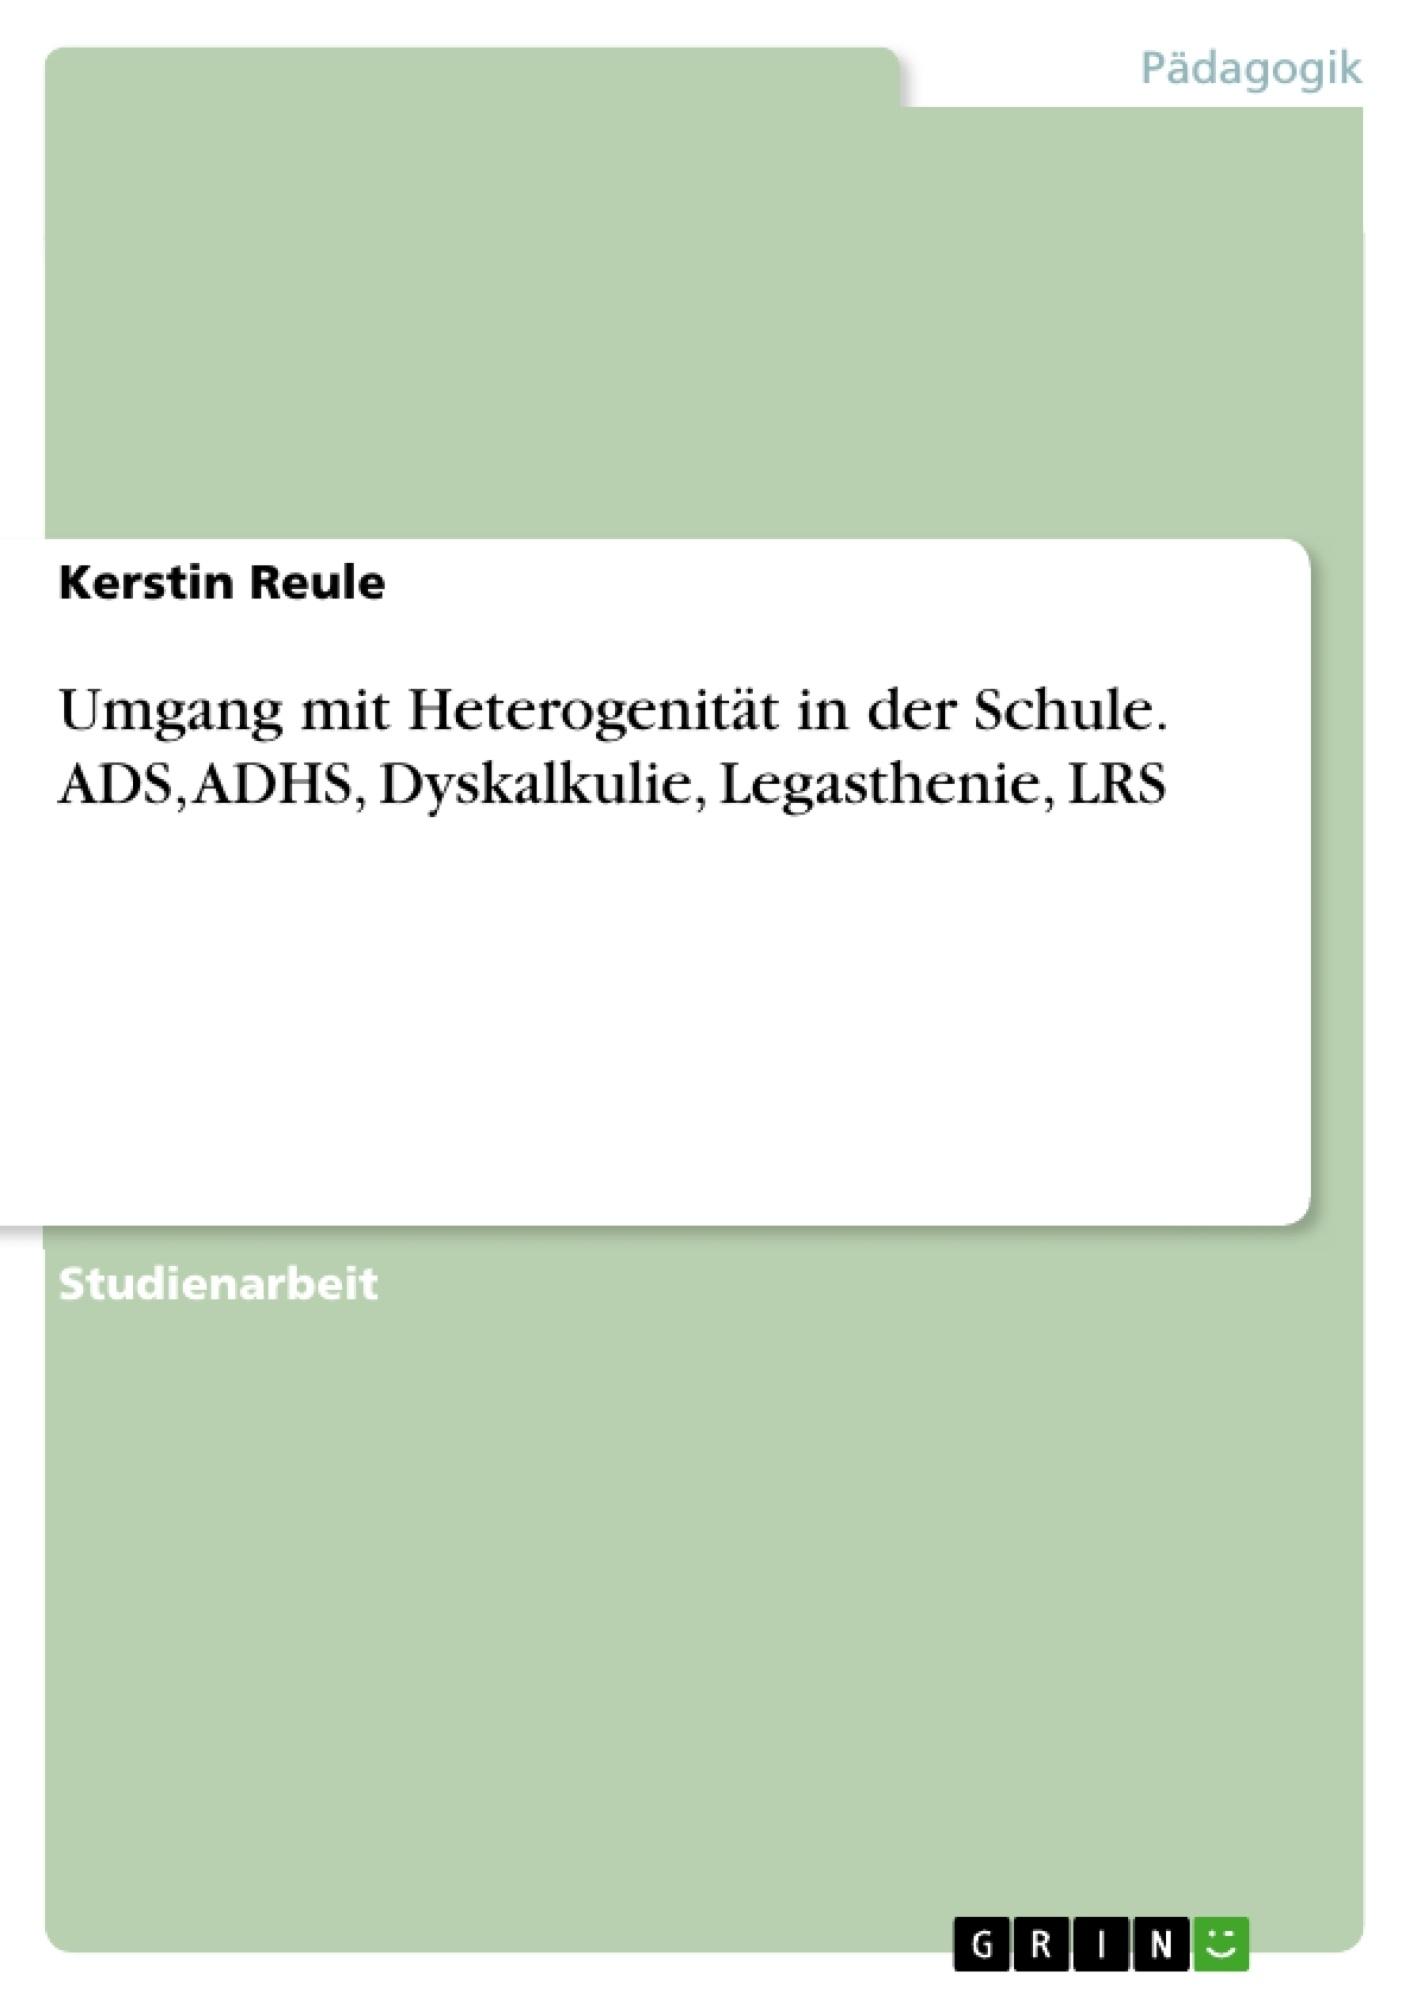 Titel: Umgang mit Heterogenität in der Schule. ADS, ADHS, Dyskalkulie, Legasthenie,  LRS